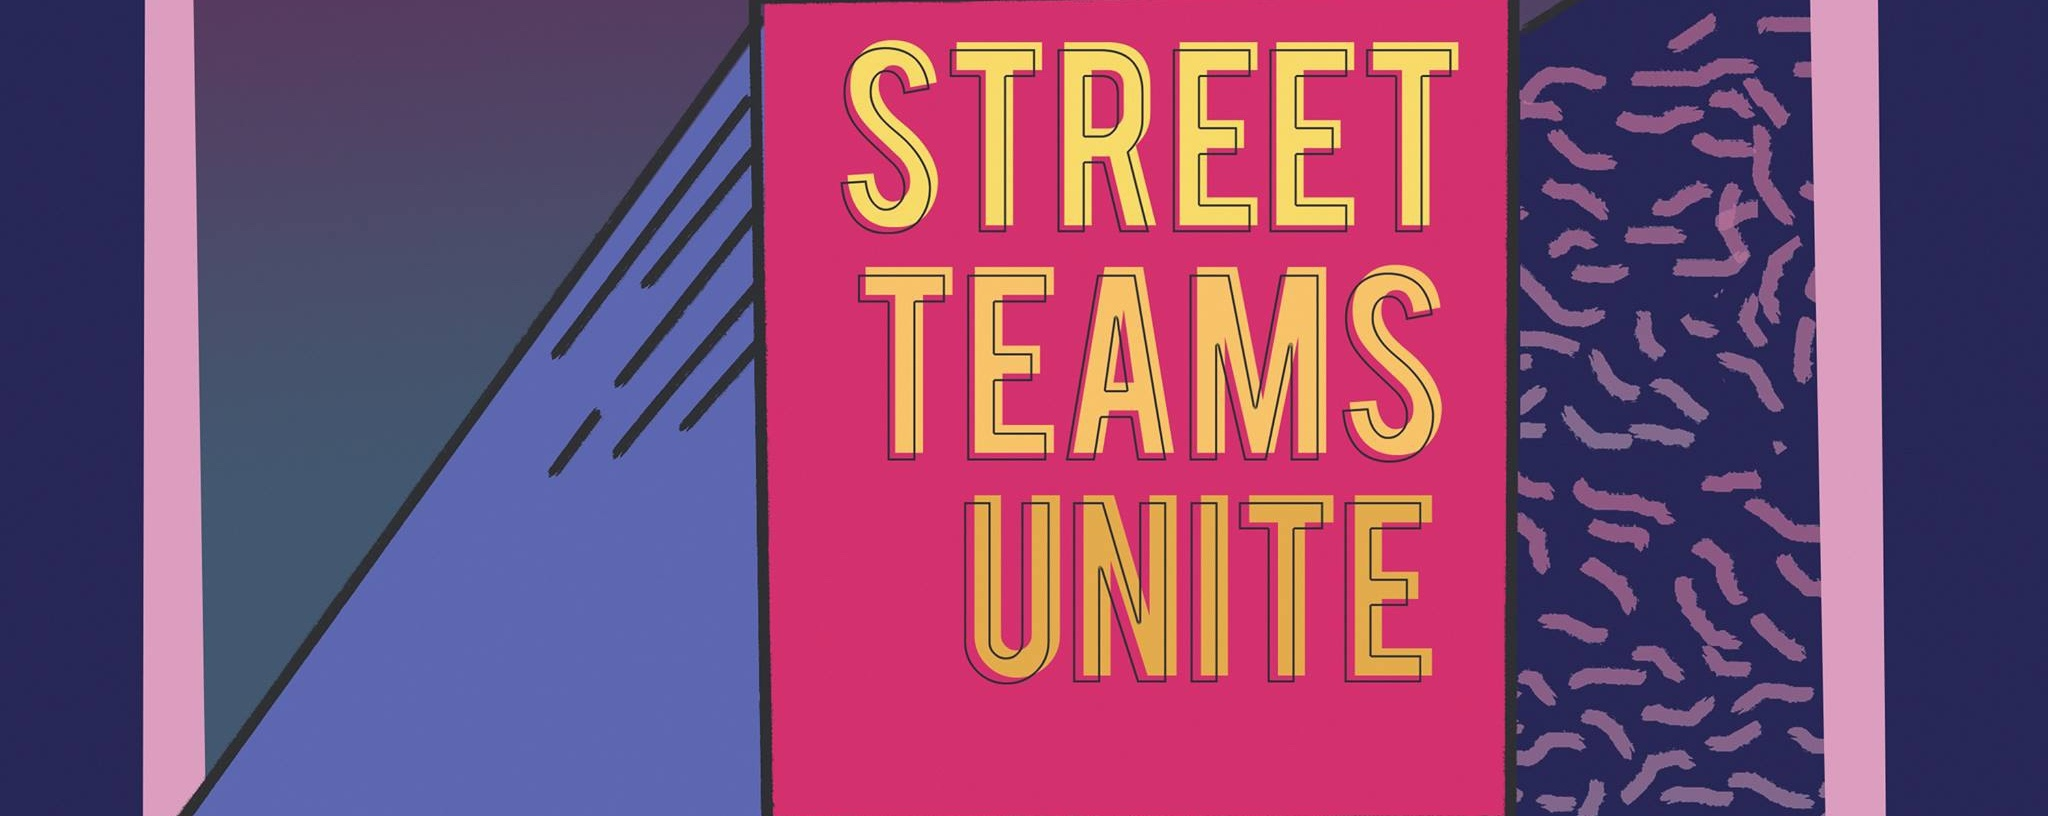 Street Teams Unite